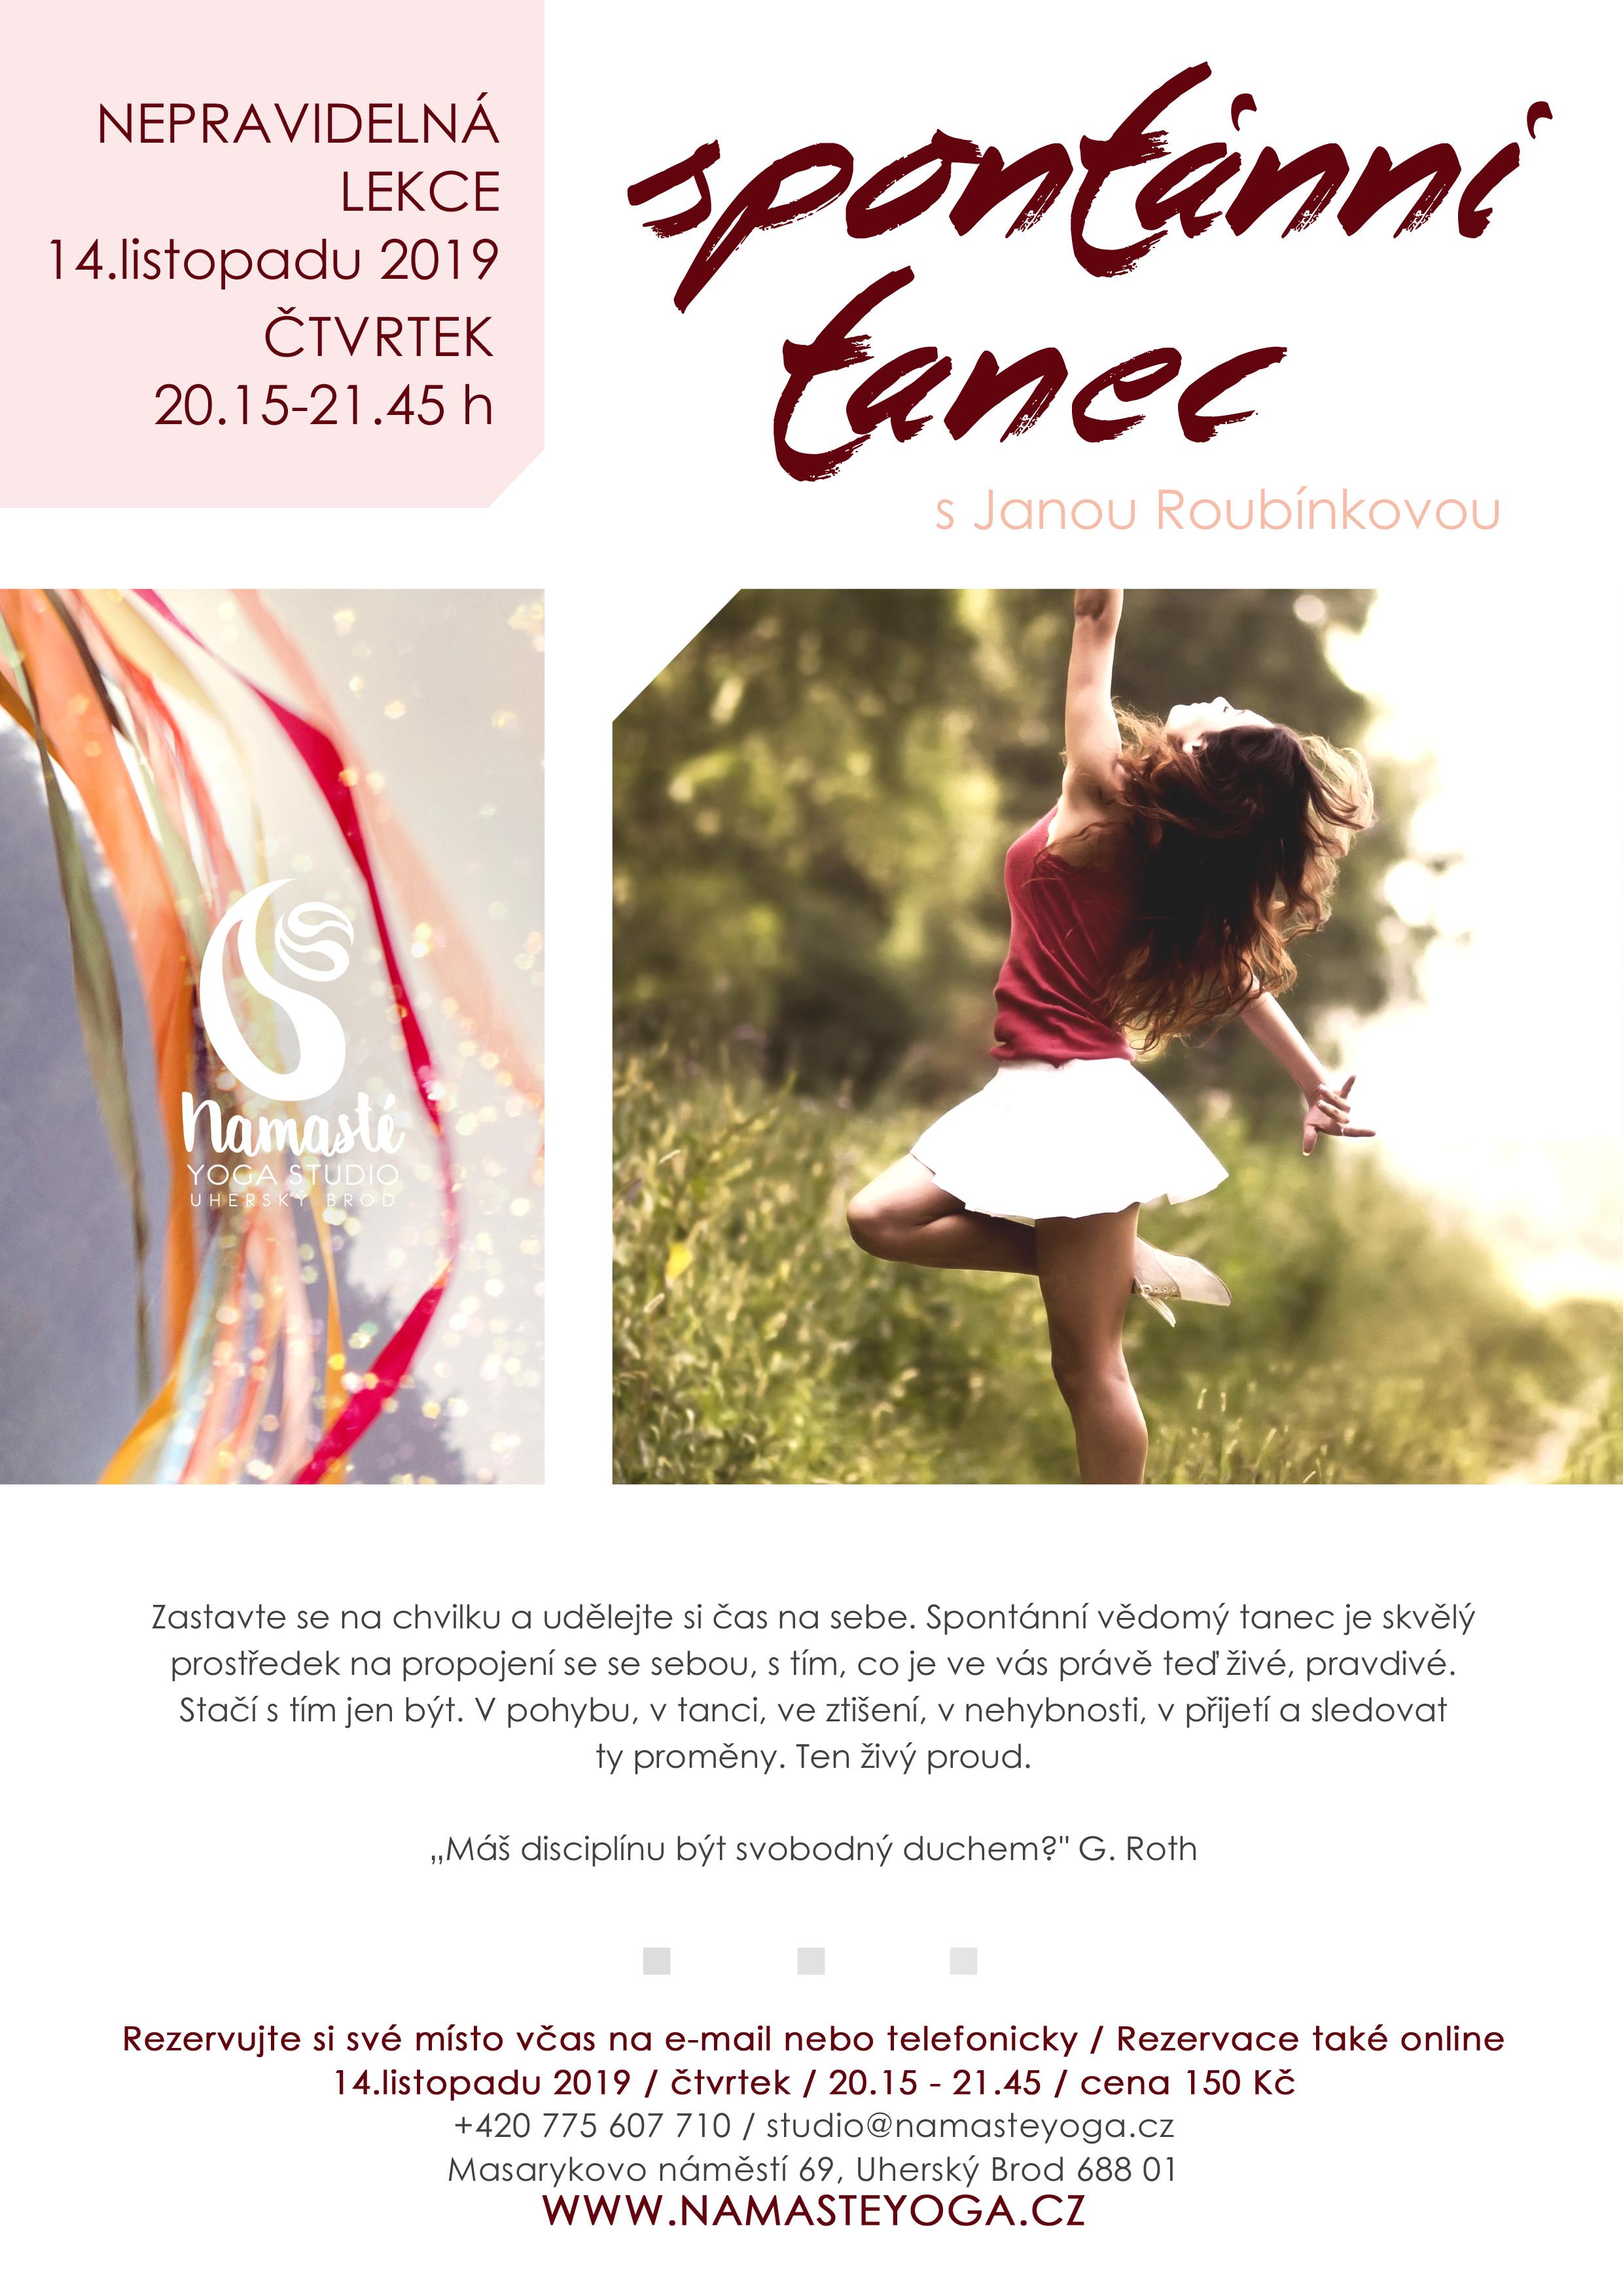 Spontánní tanec_Jana Roubínková kopie